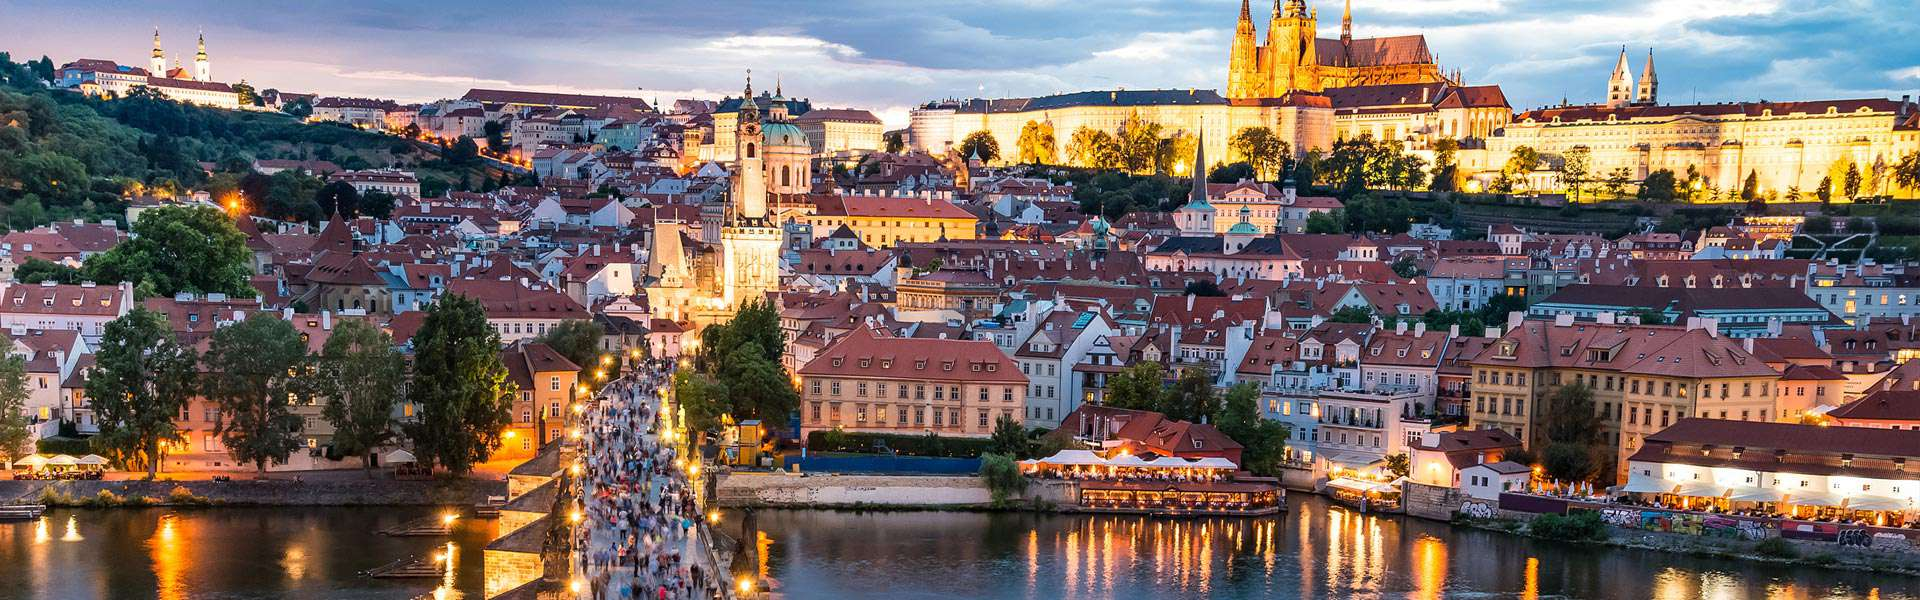 Prager Geschichte seit 1475: der Pulverturm